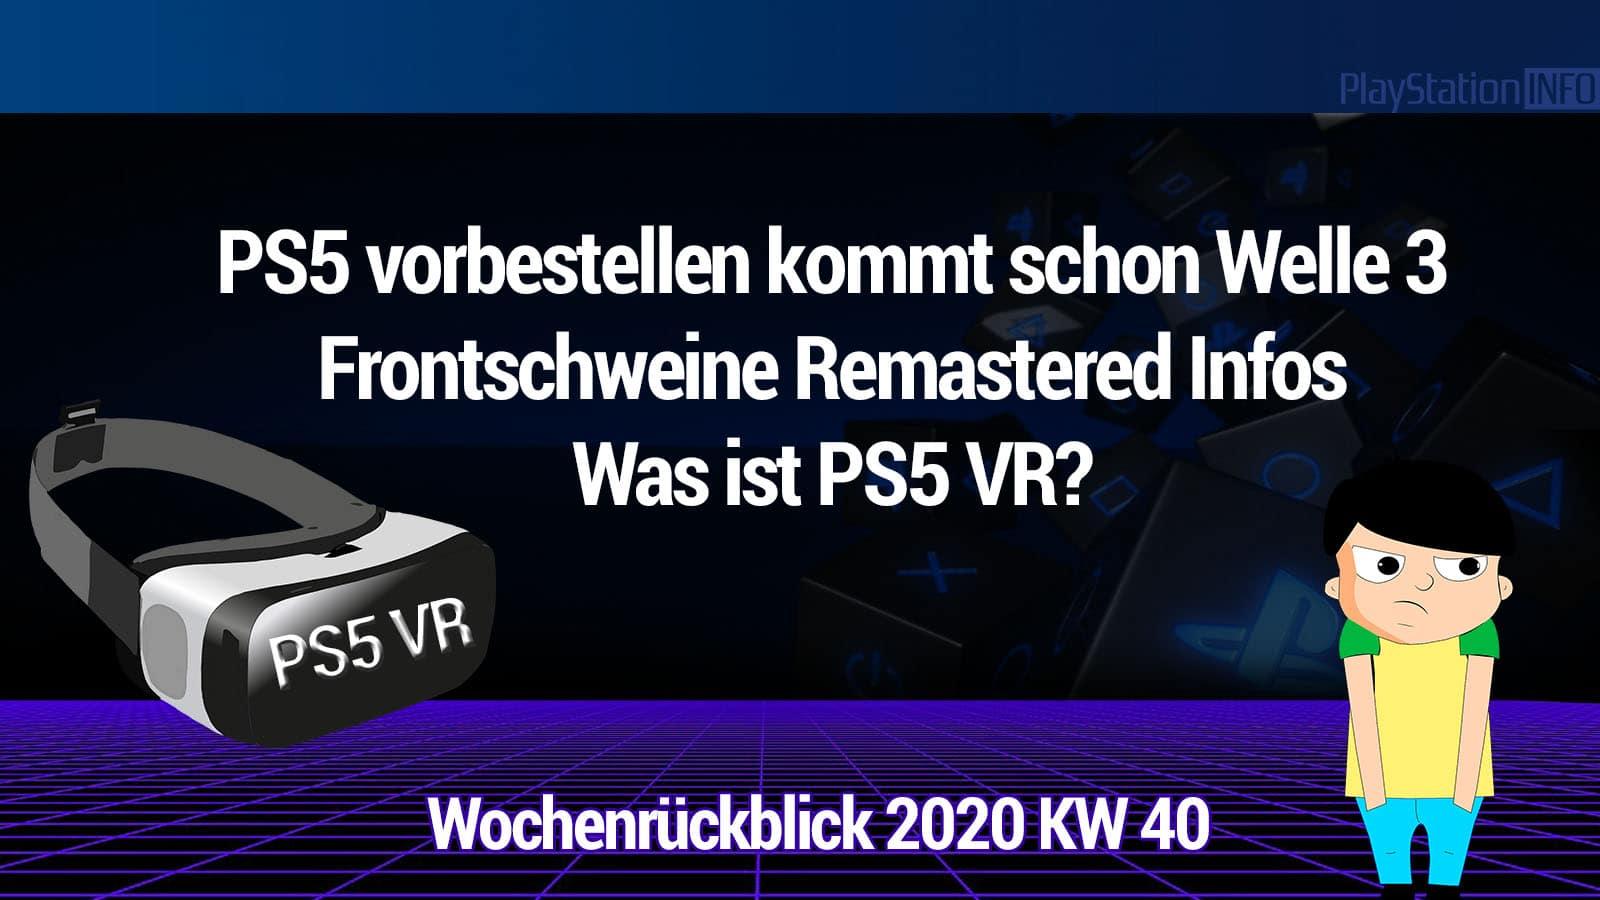 Wochenrückblick-2020-KW-40